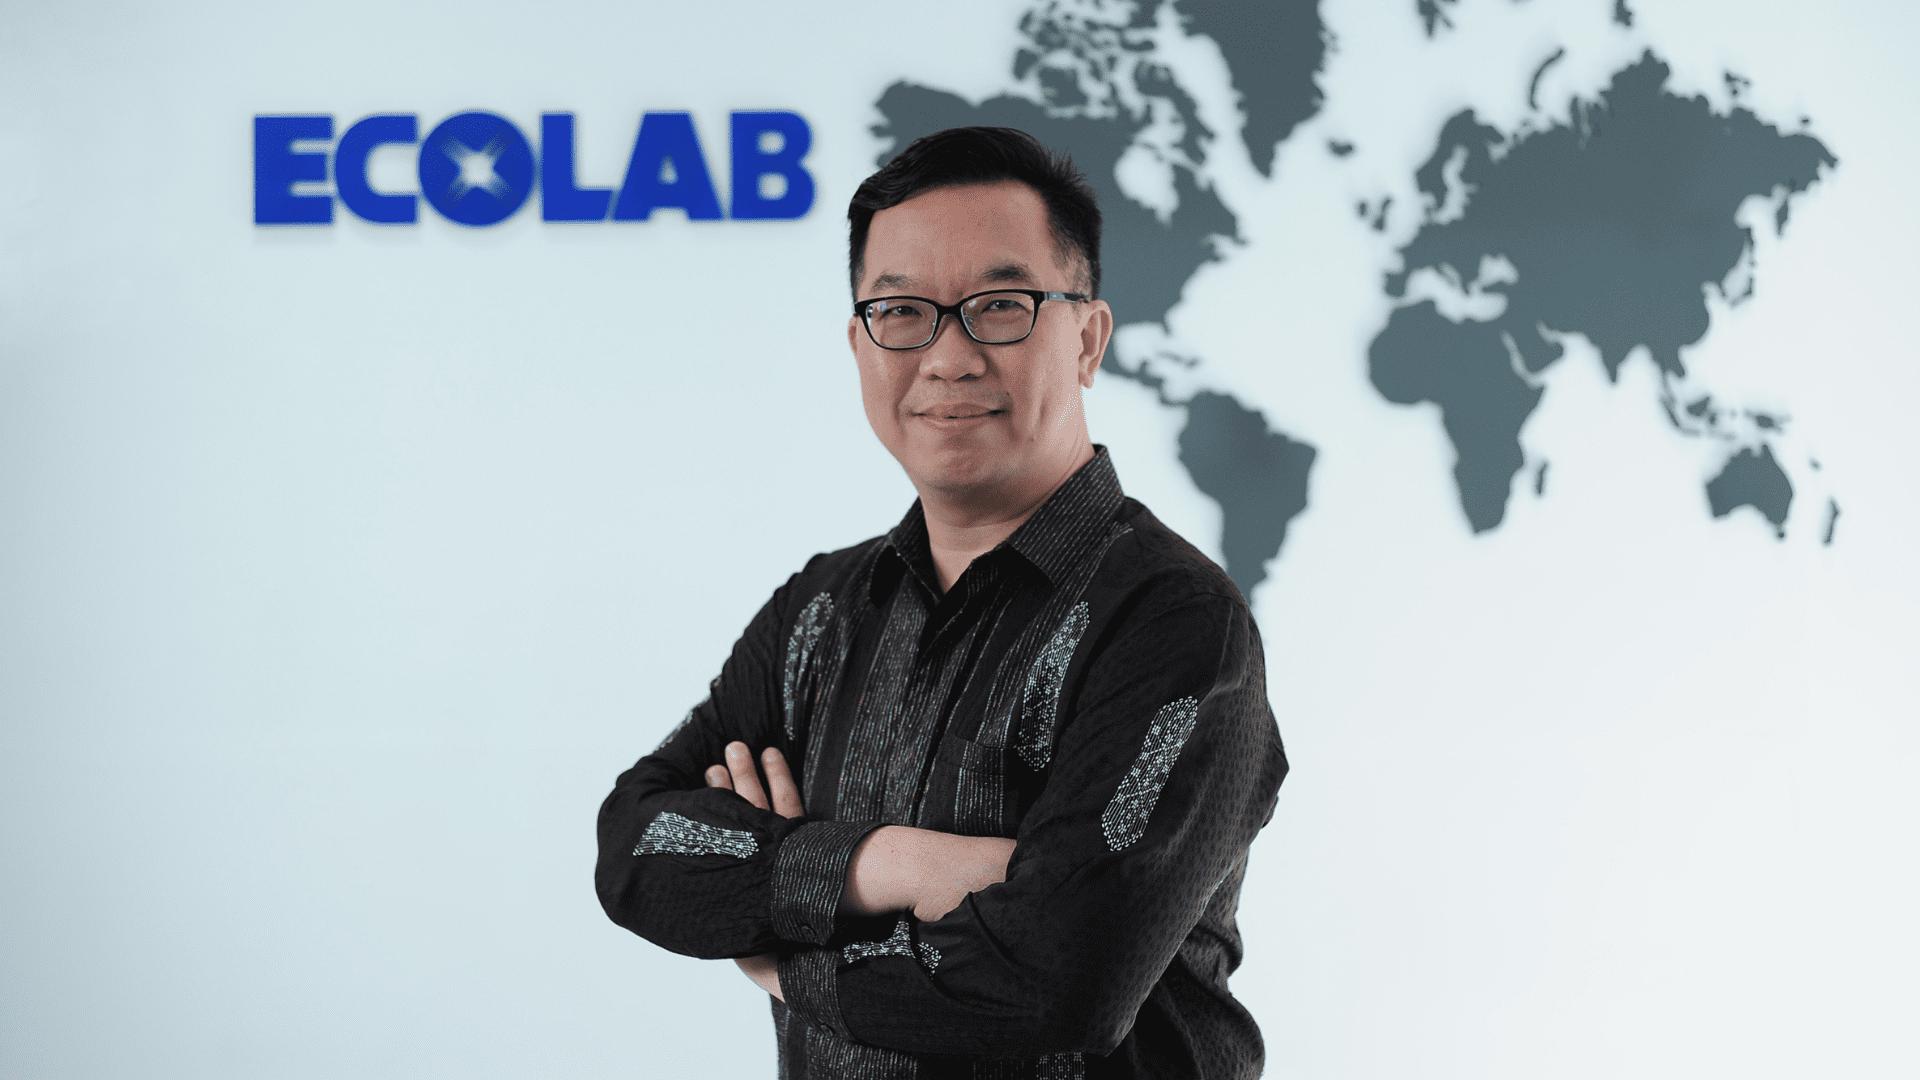 Allan Yong